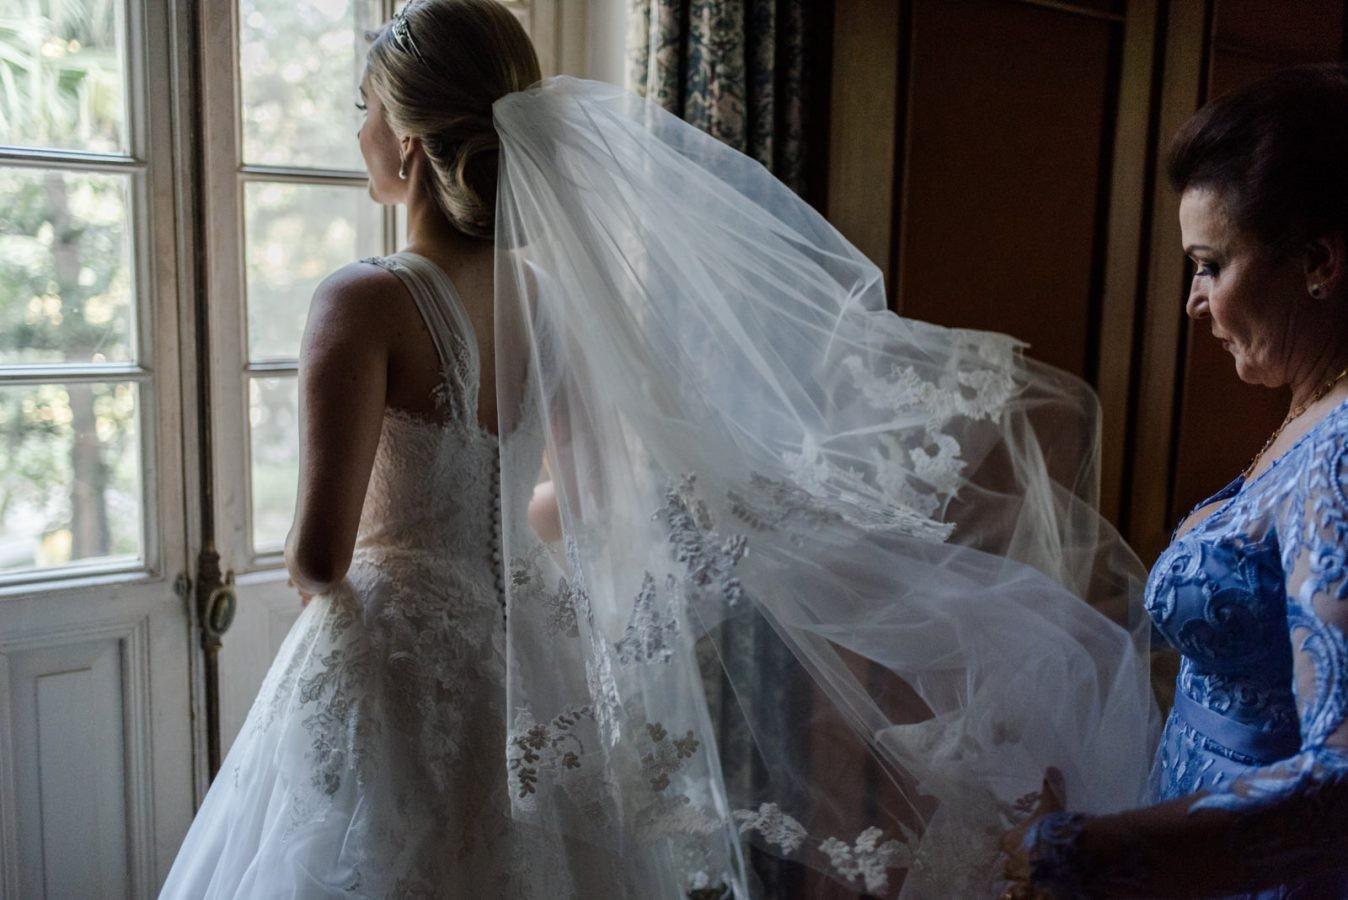 mãe ajudando a noiva com o véu no making of do casamento